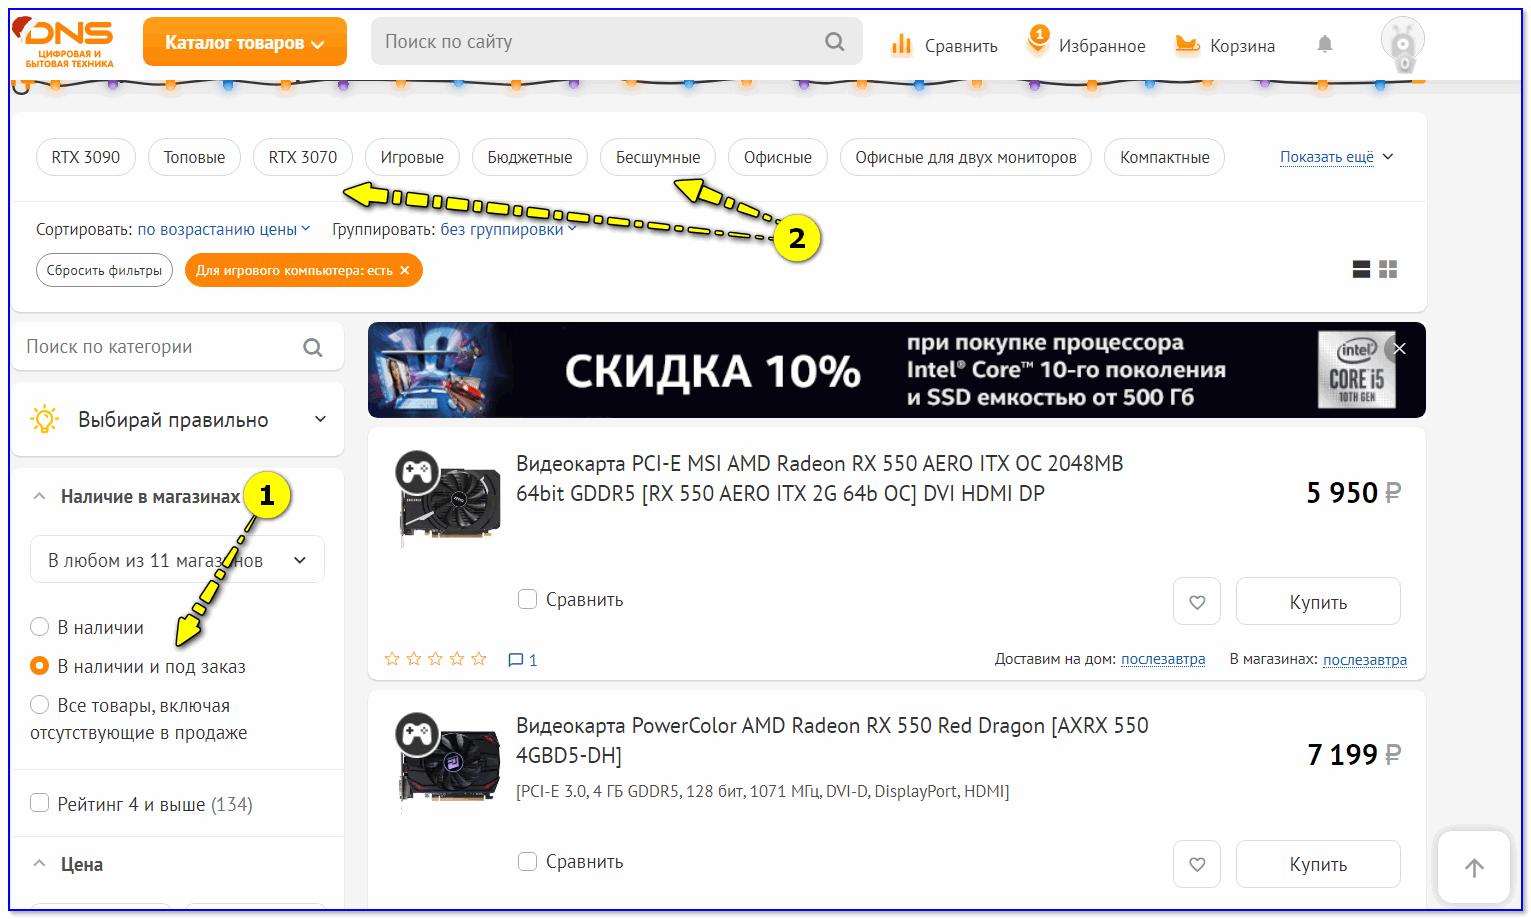 Поиск видеокарты на сайте DNS — пример